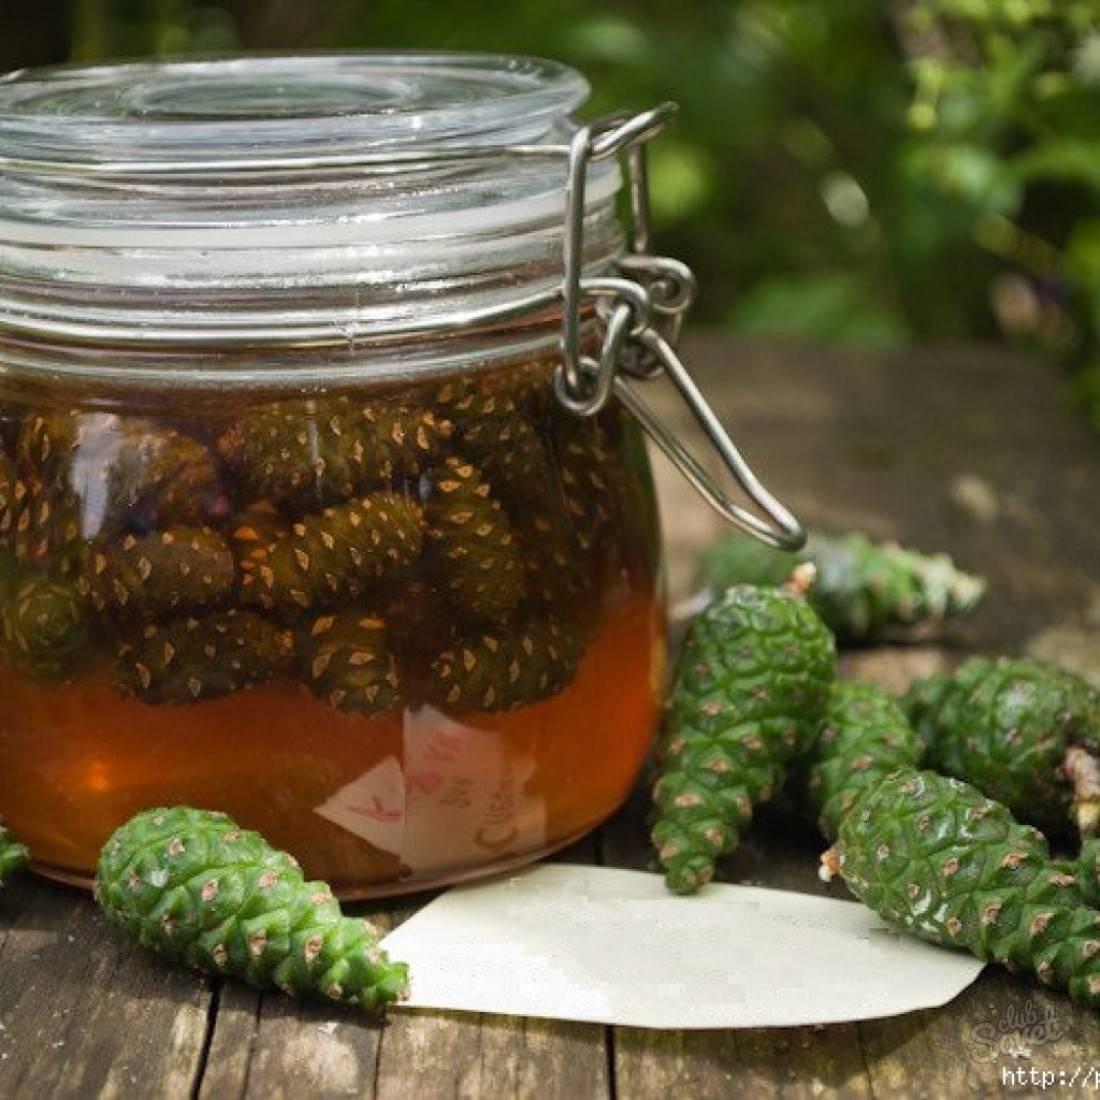 Лечебное варенье из шишек сосны, рецепты и польза